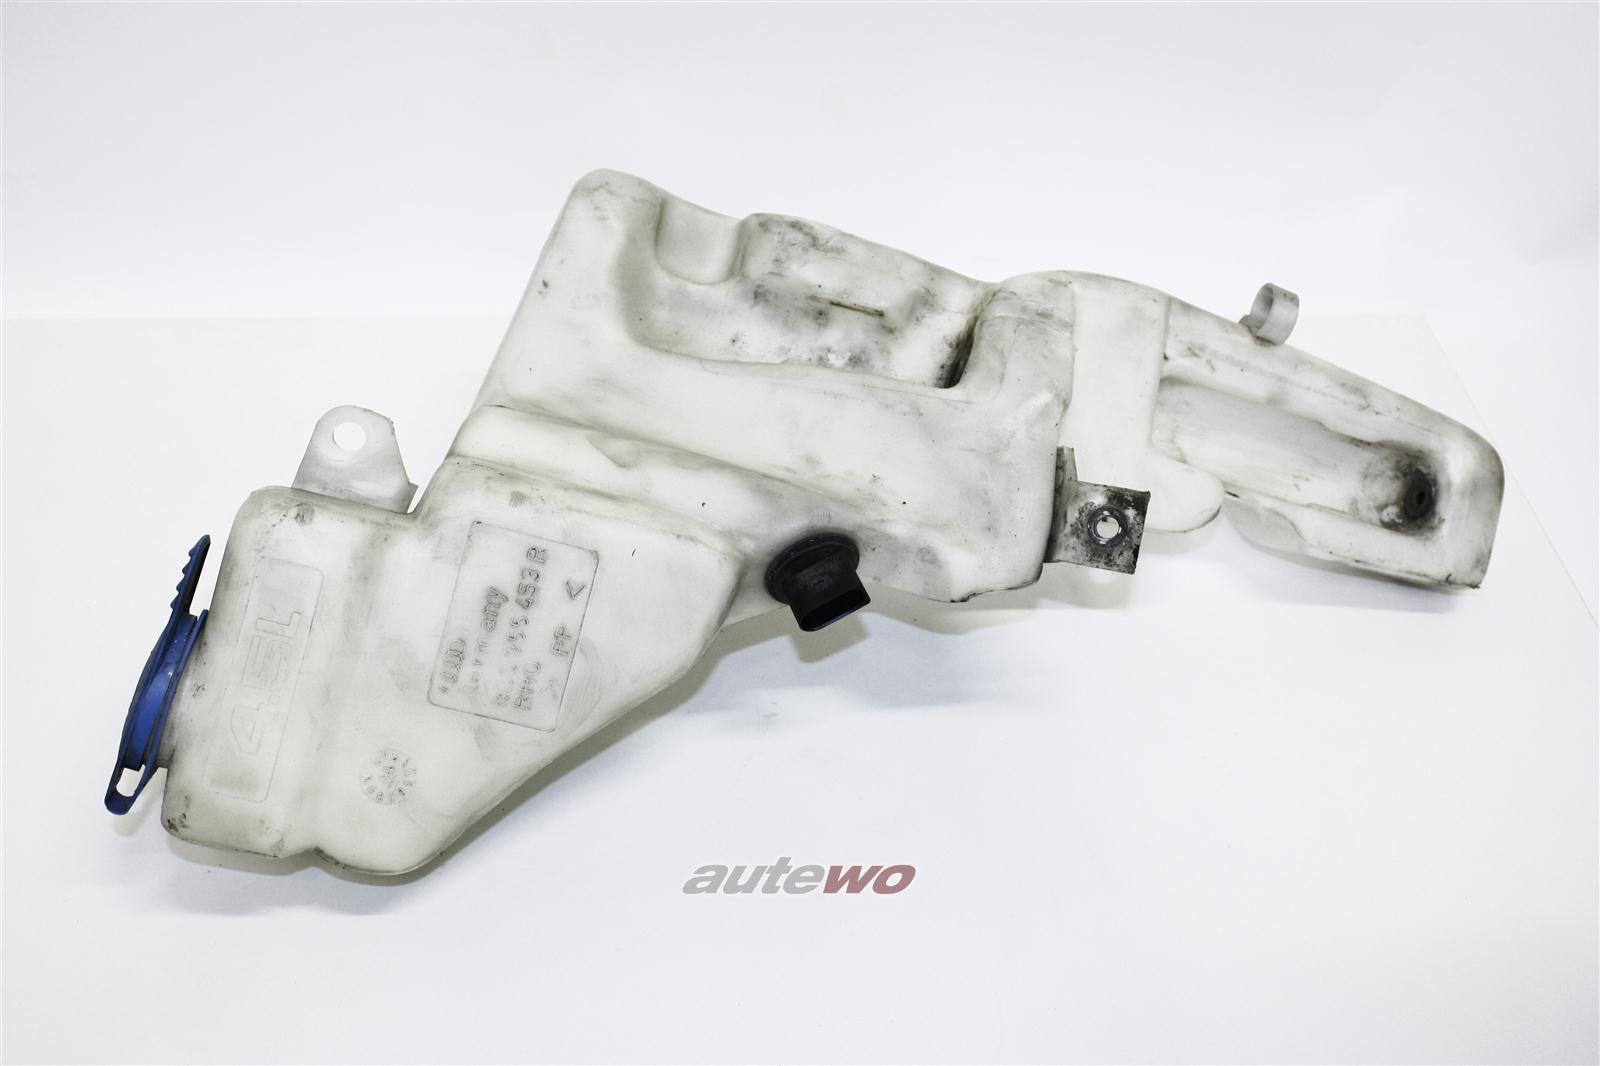 Audi A4 B5 Scheibenwaschbehälter 4.2l + Geber + Scheinwerferreinigung 8D0955453R